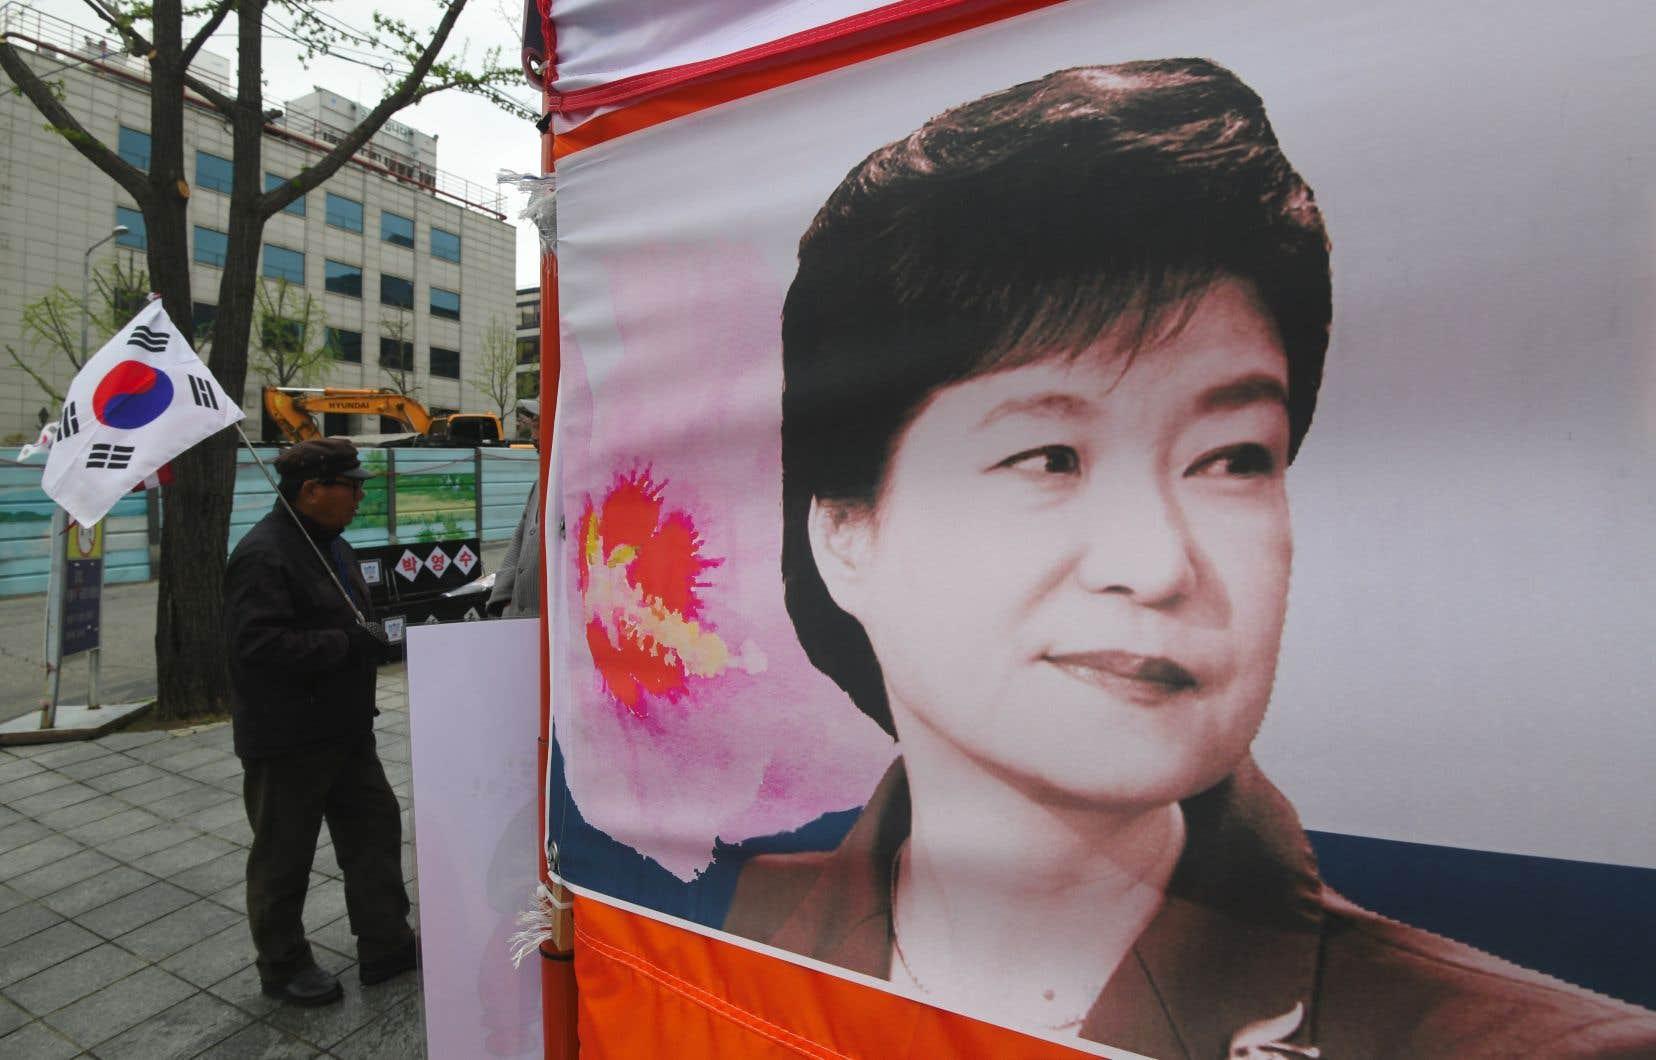 Première femme élue présidente en Corée du Sud, Park Geun-hye a été destituée et arrêtée en mars 2017.